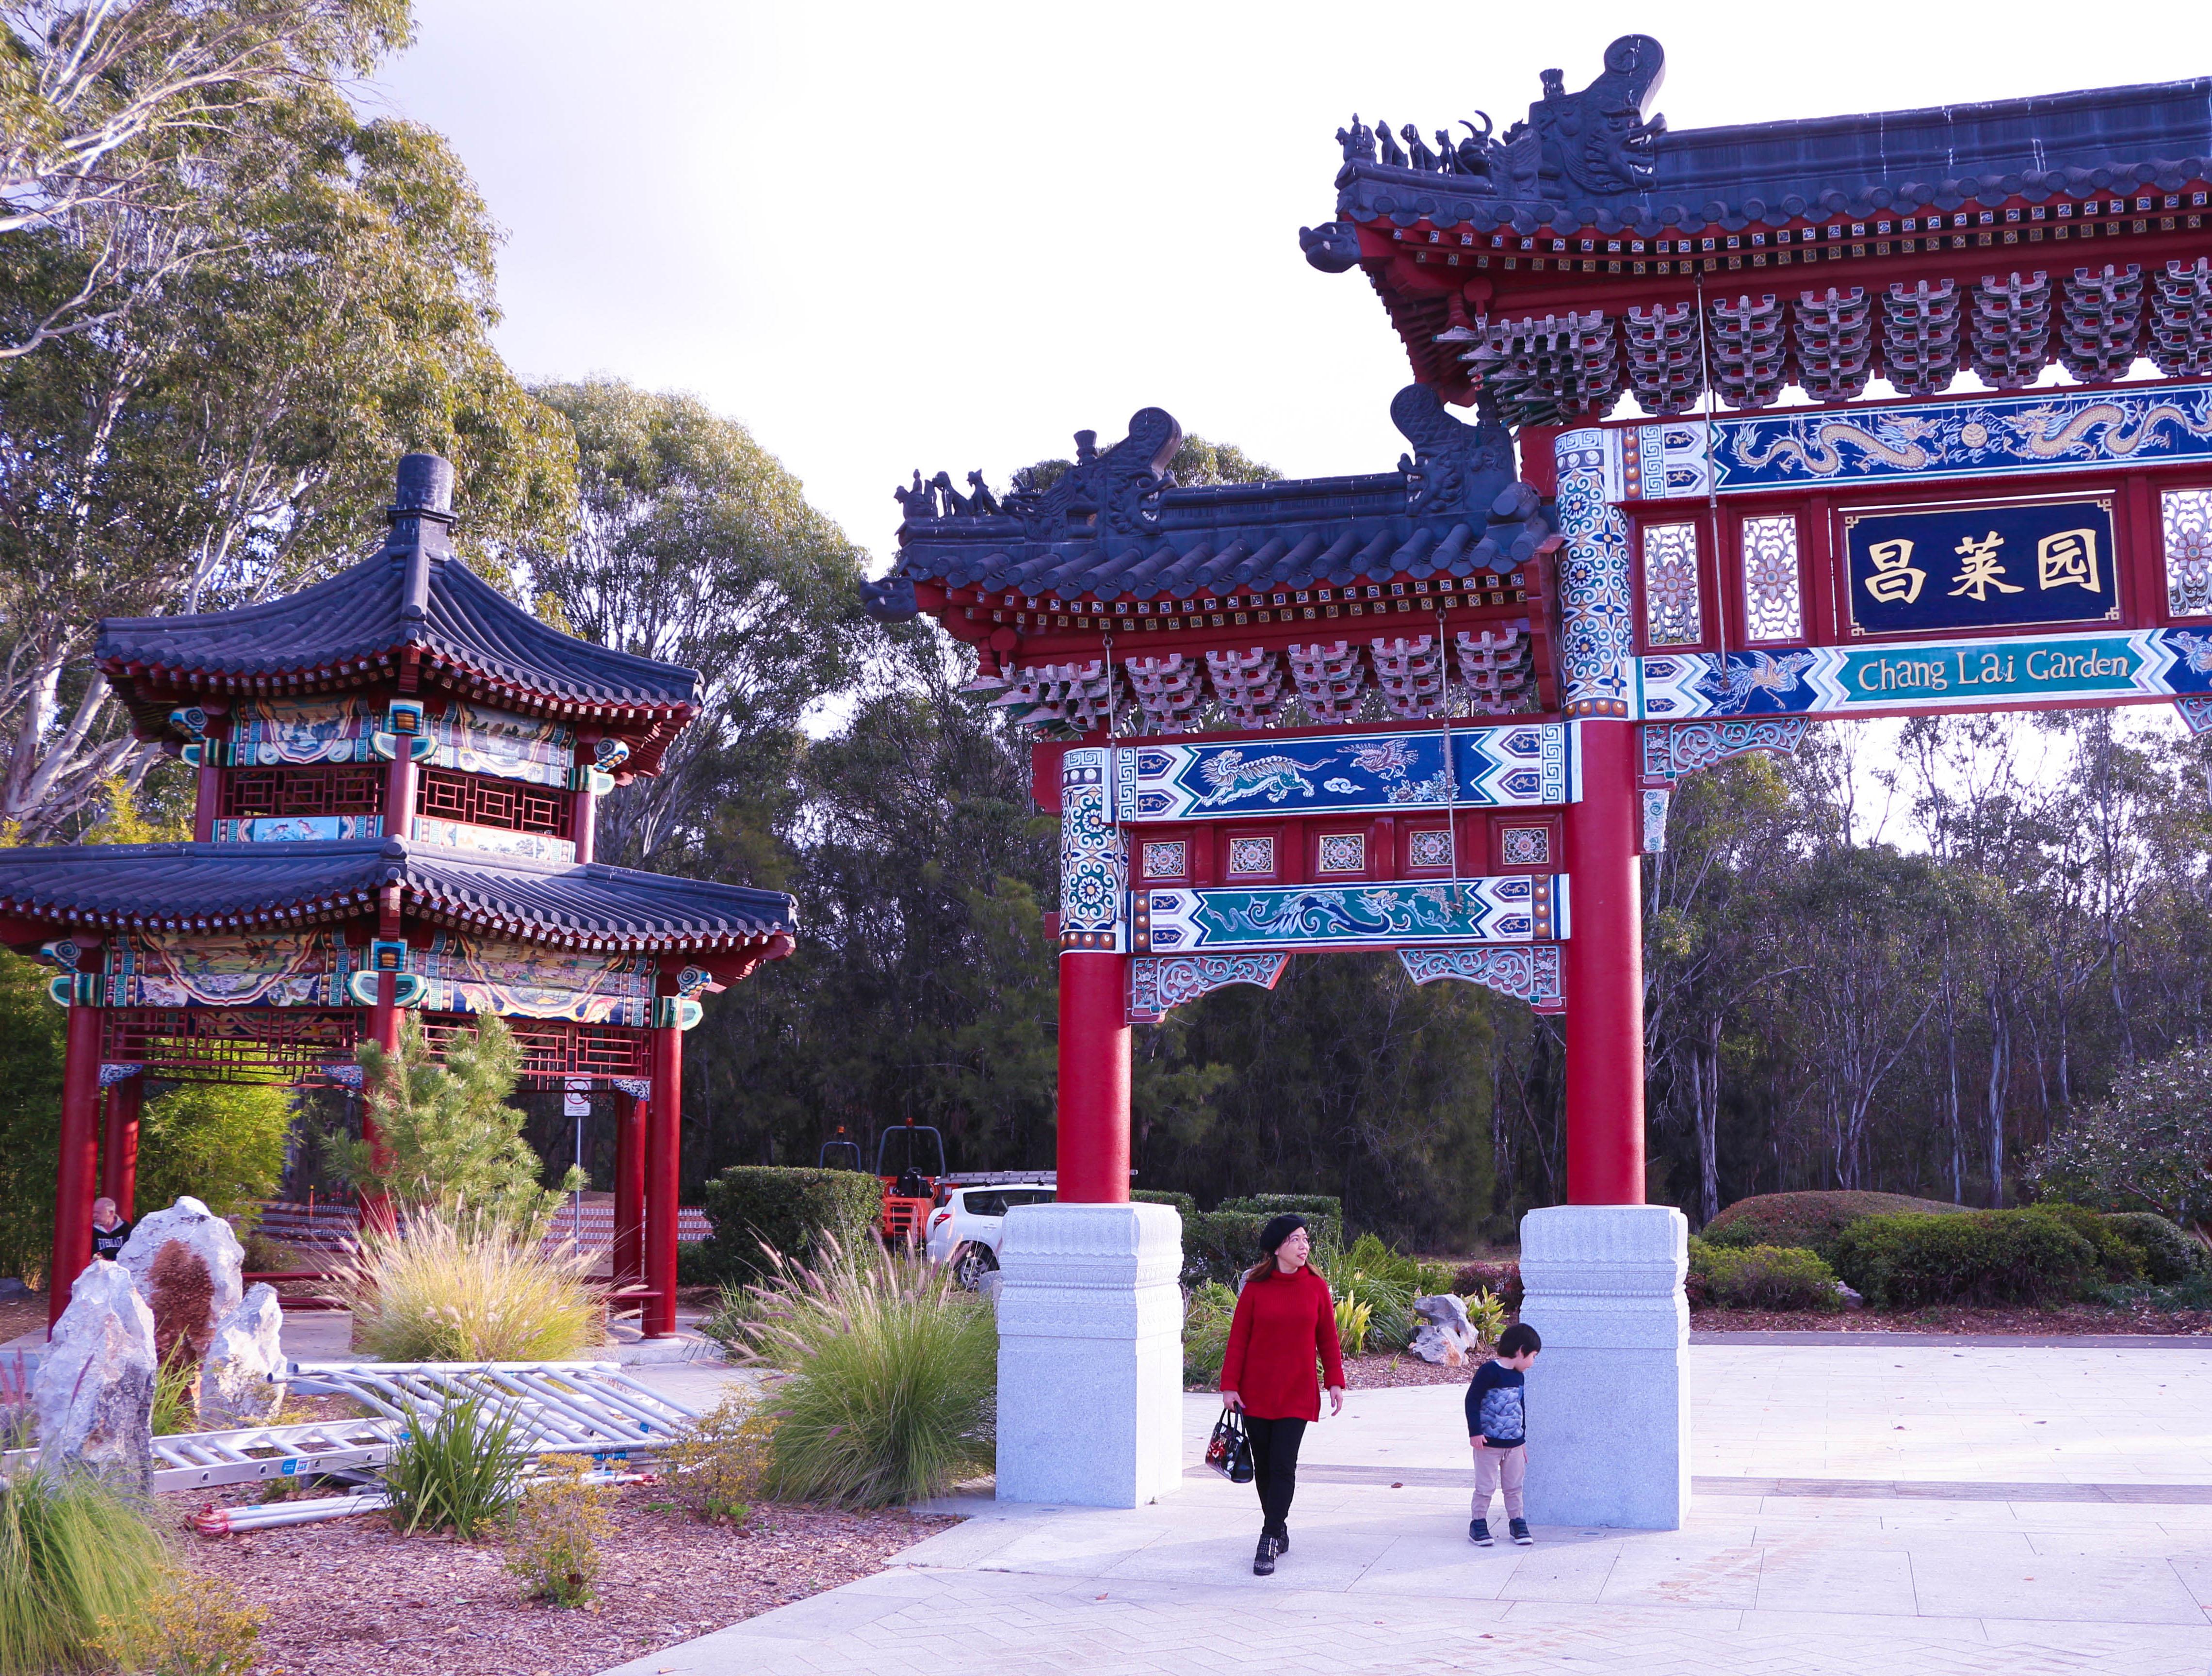 Chinese Garden in Western Sydney